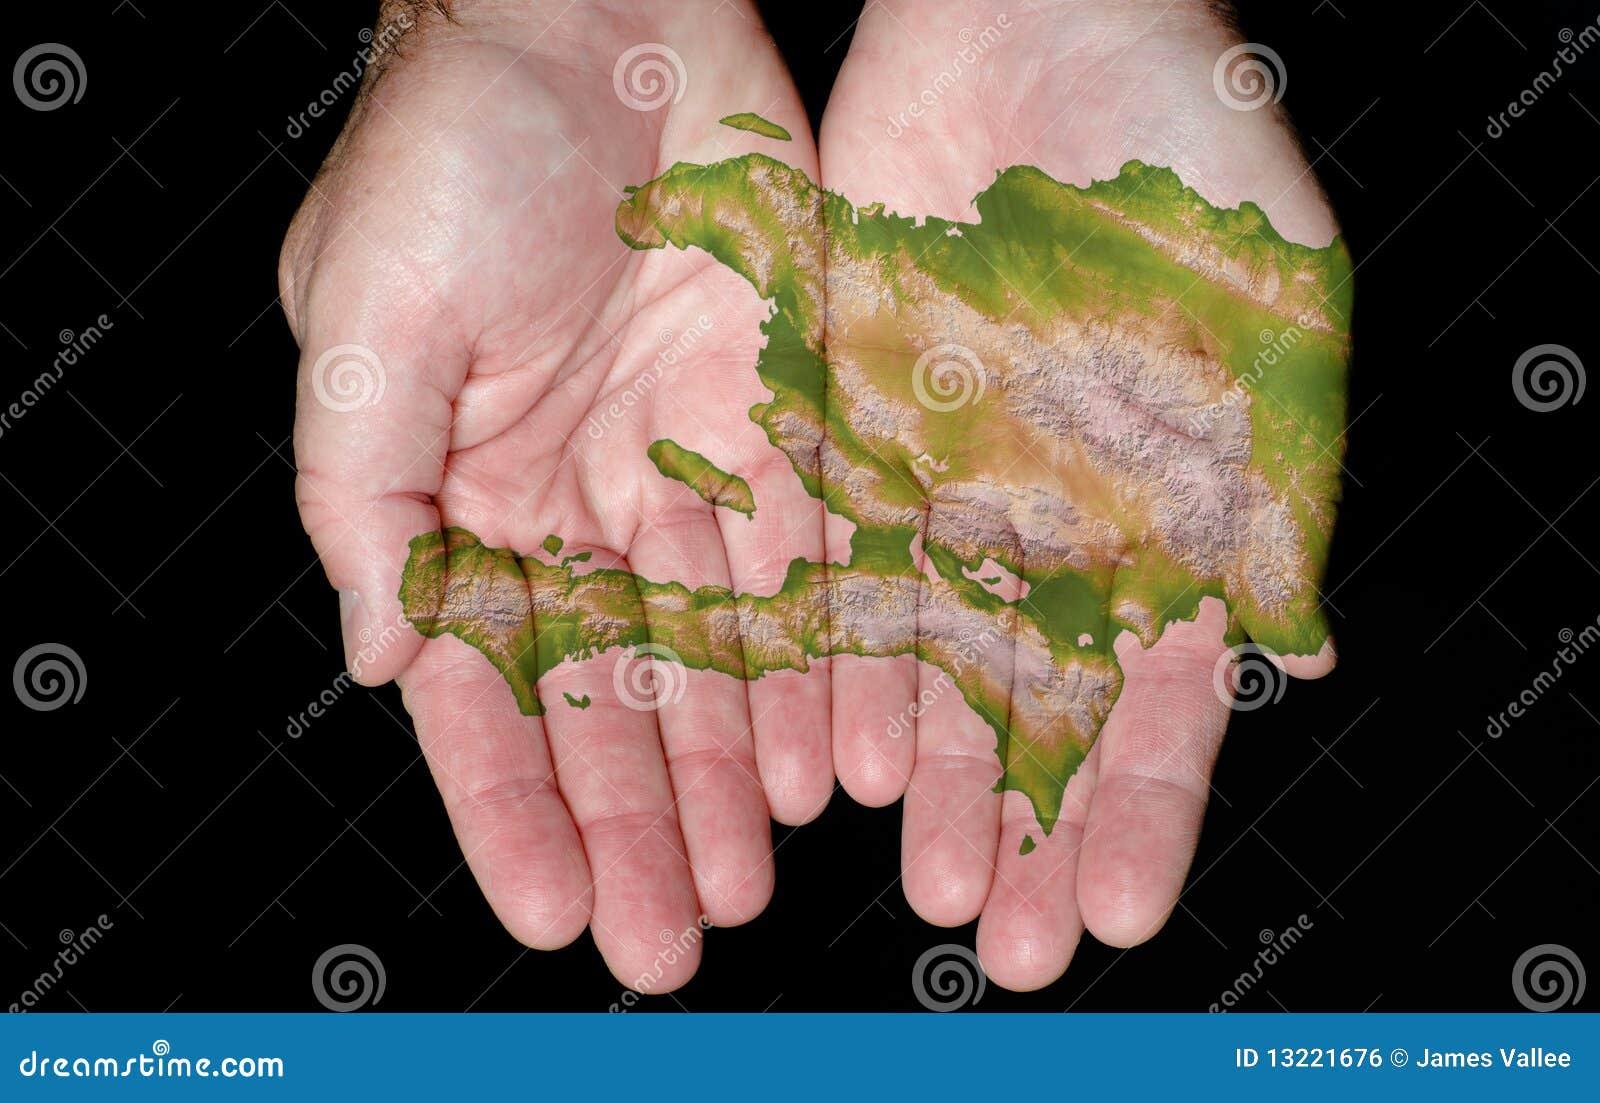 Haïti in Onze Handen